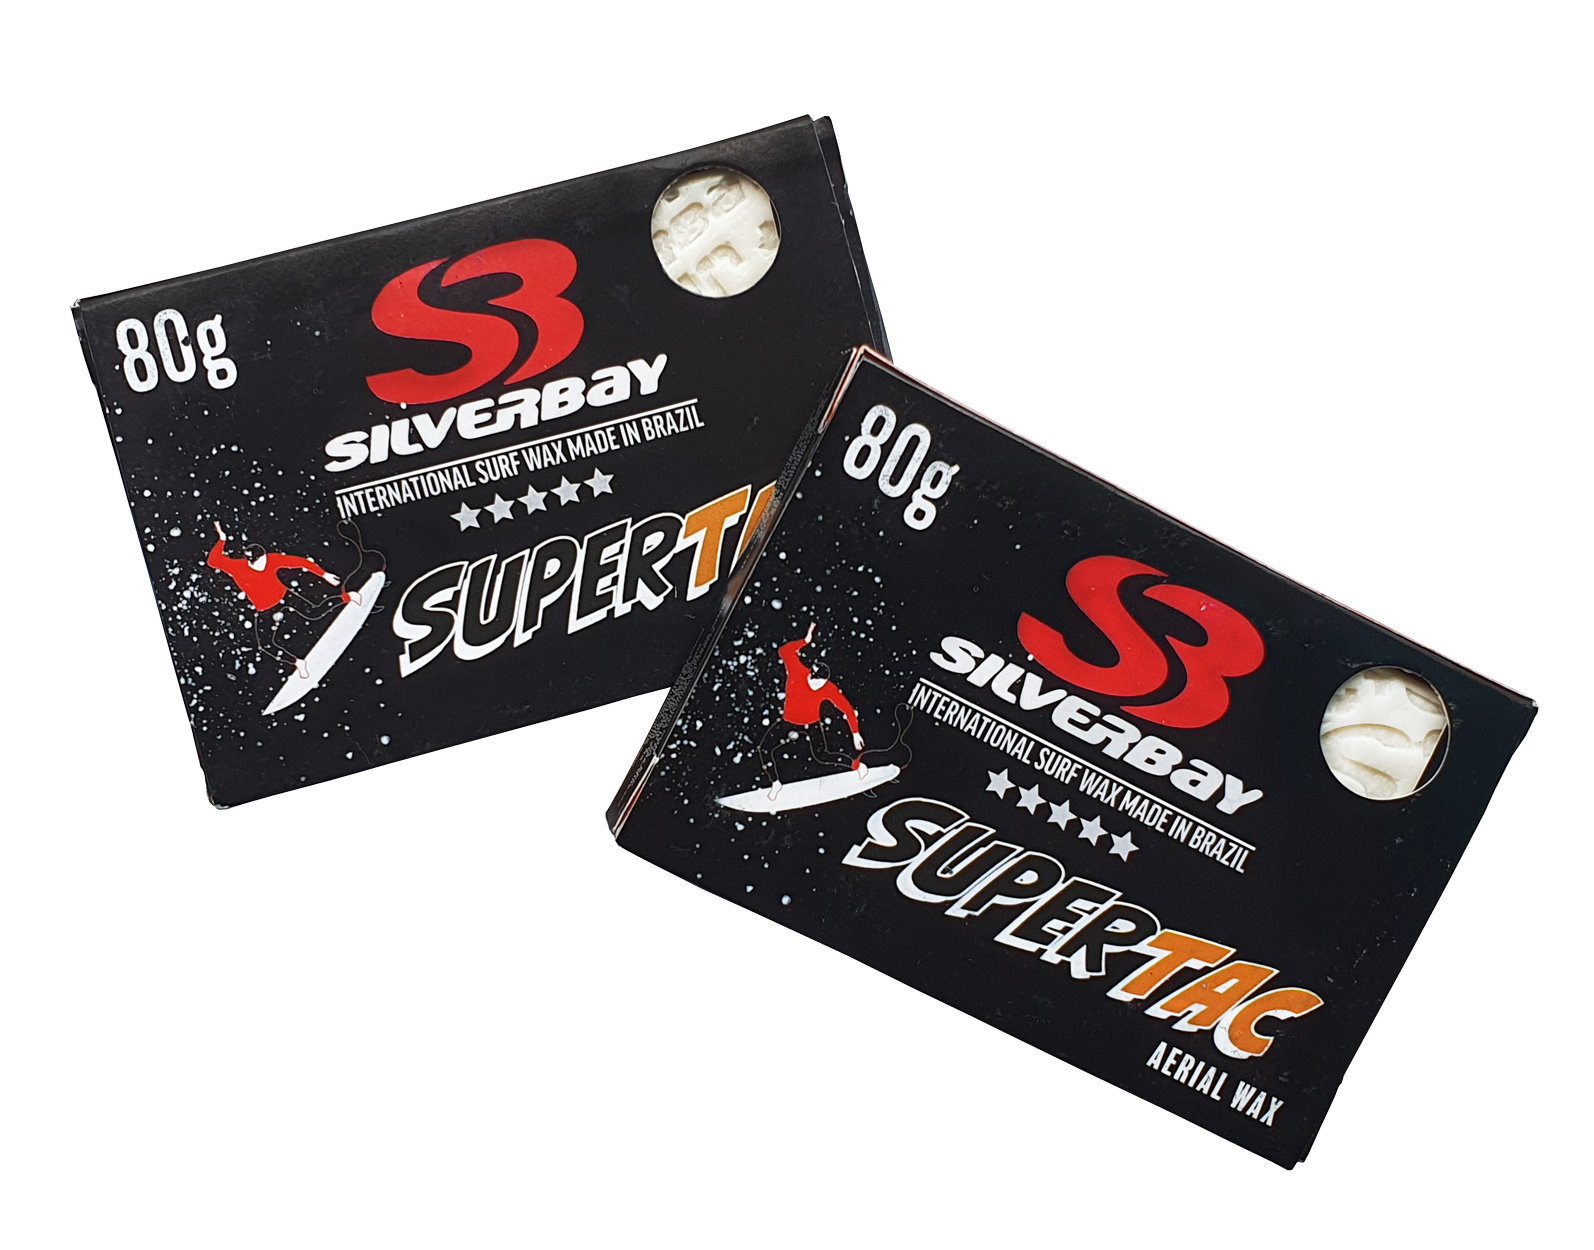 Kit 2 Parafina Silverbay Super Tac Tropical 80g